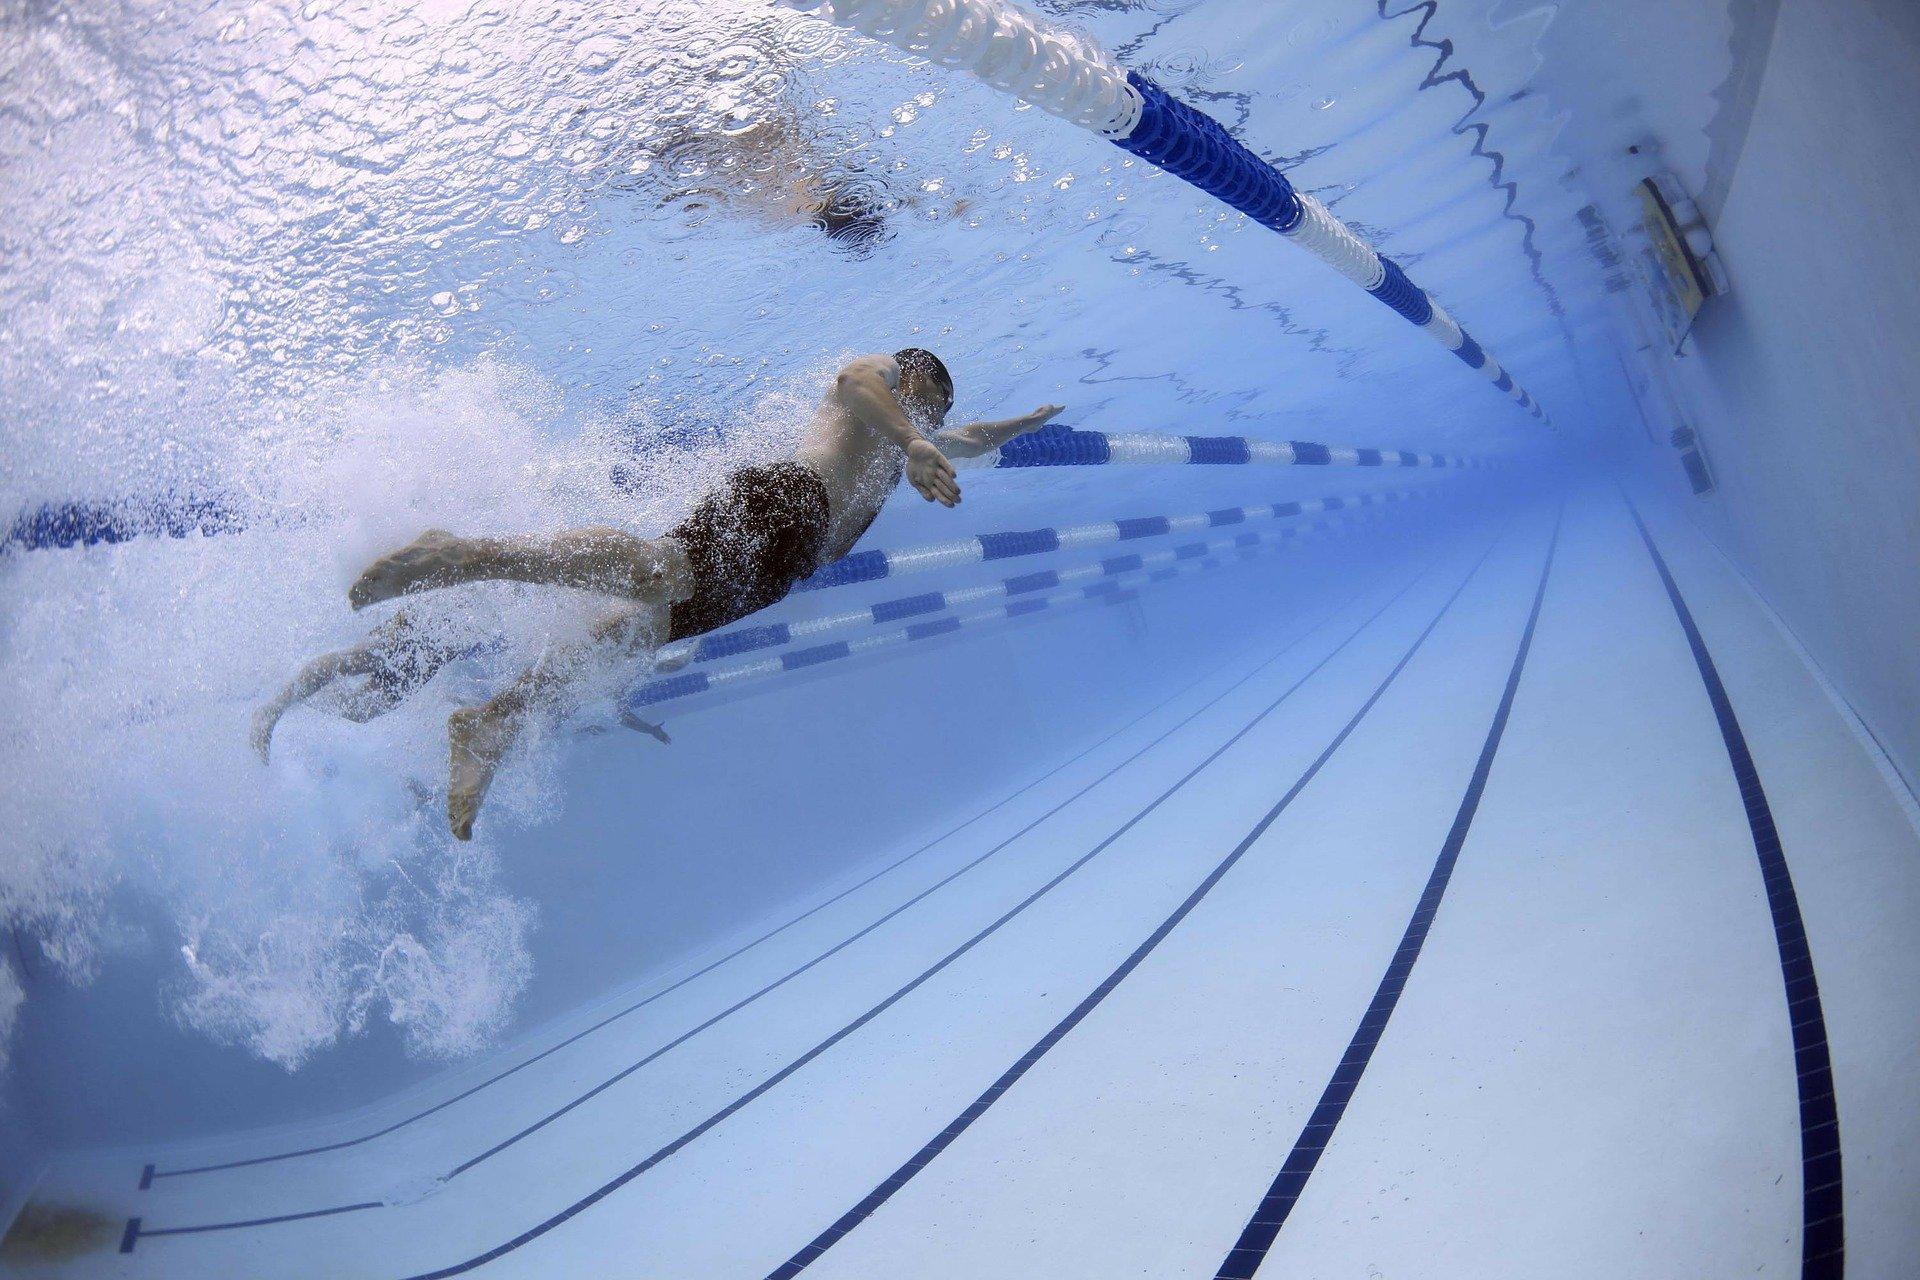 Ein Unterwasserbild von einem Schwimmer in einem Schwimmbecken.